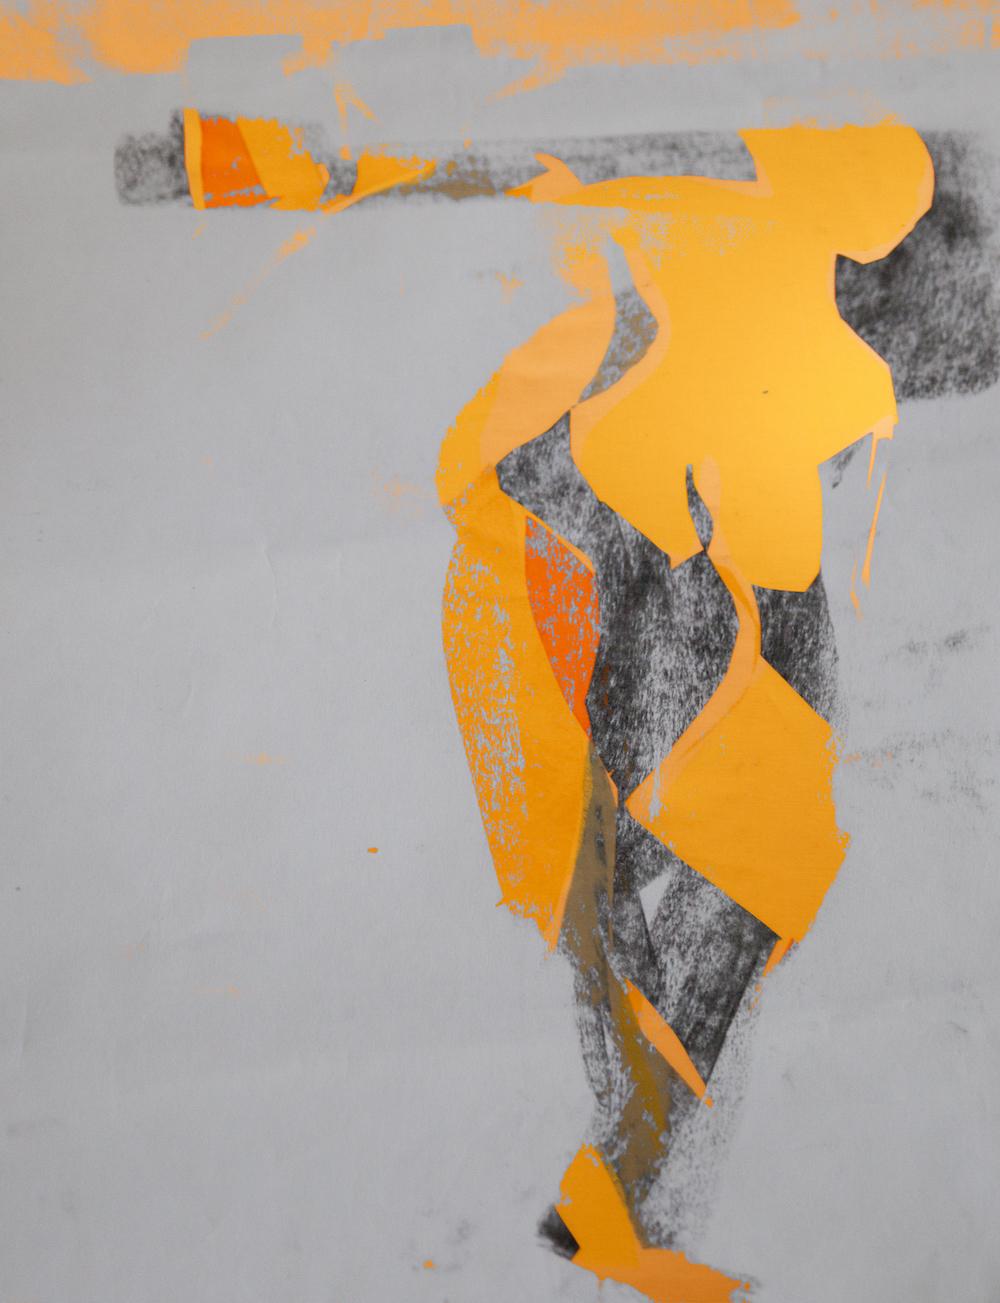 Catrin Engman Mixed media|Giclée Fine art print på matt papper 50 x 70 cm inramad 2 200 kr, oramad  2 700 kr, inramad Signerad upplaga 7 ex catrinengmankonstfoto.com